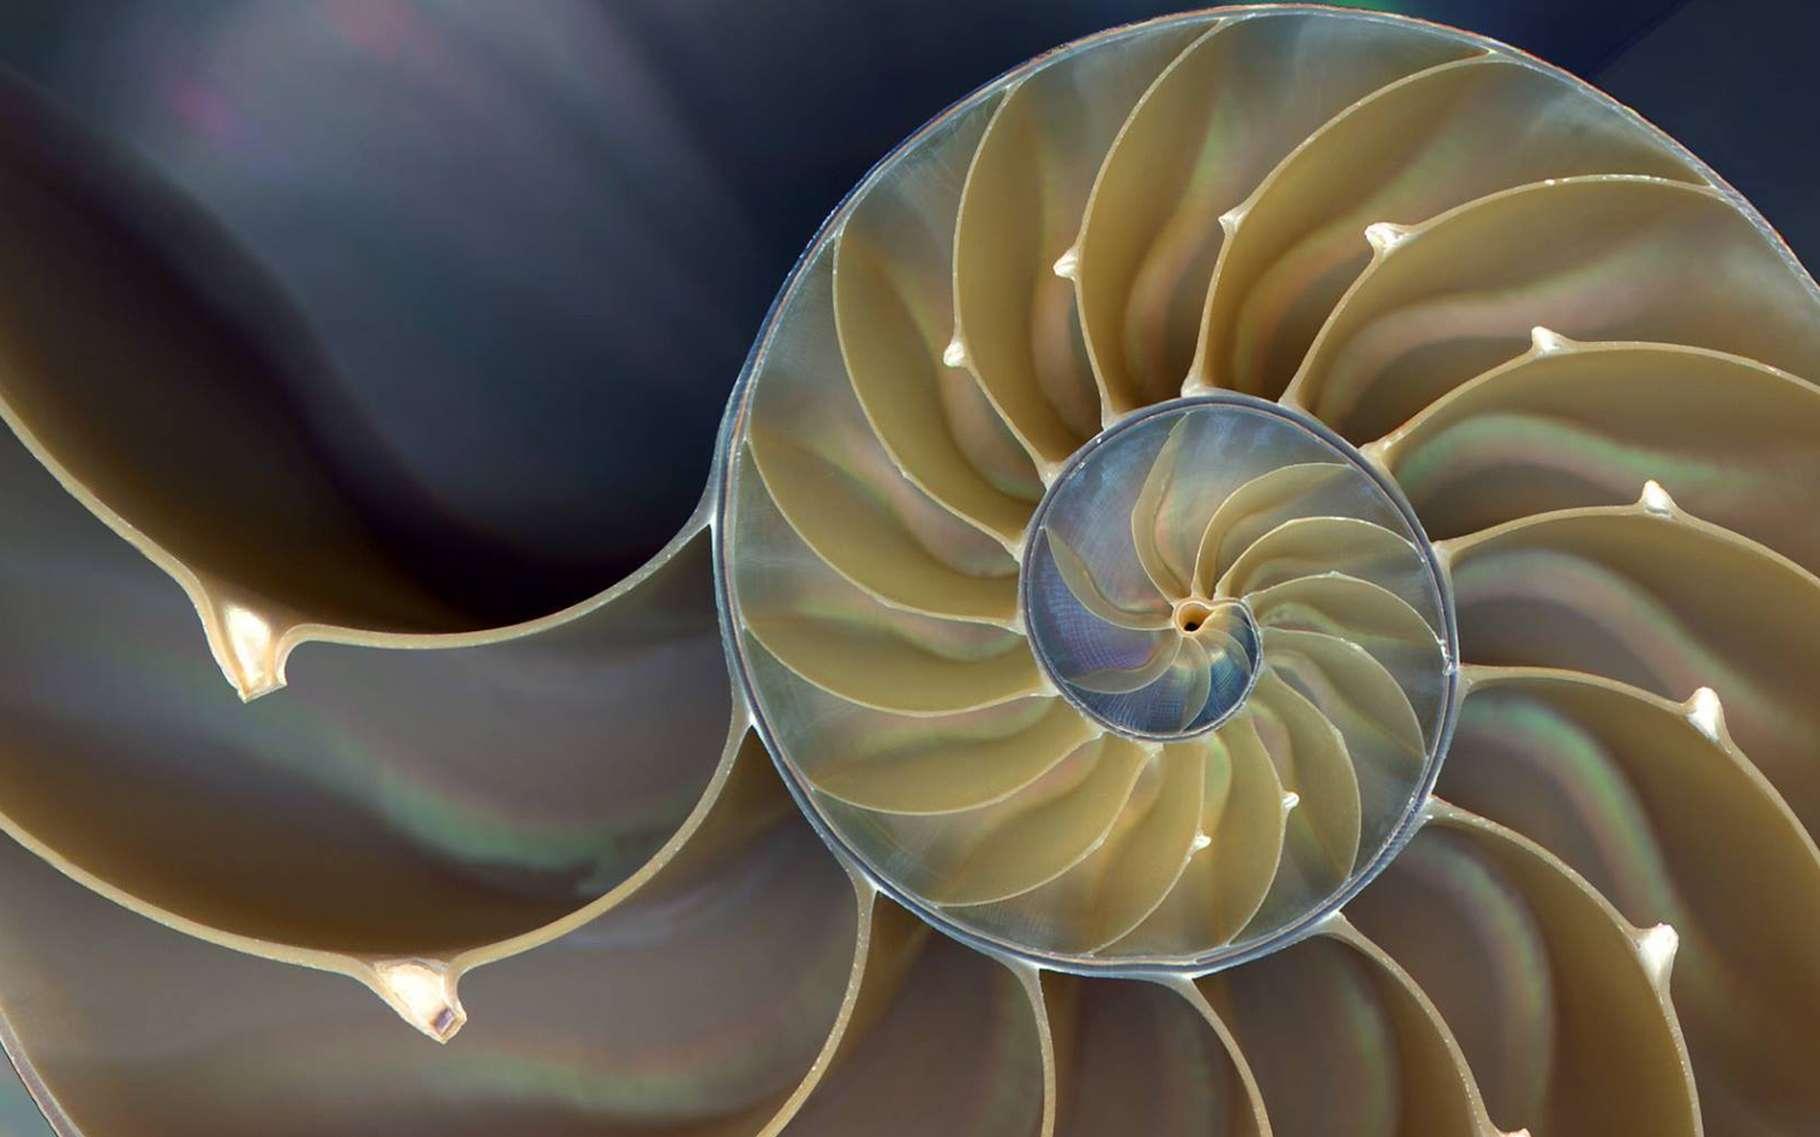 La coquille du nautile dessine une spirale logarithmique